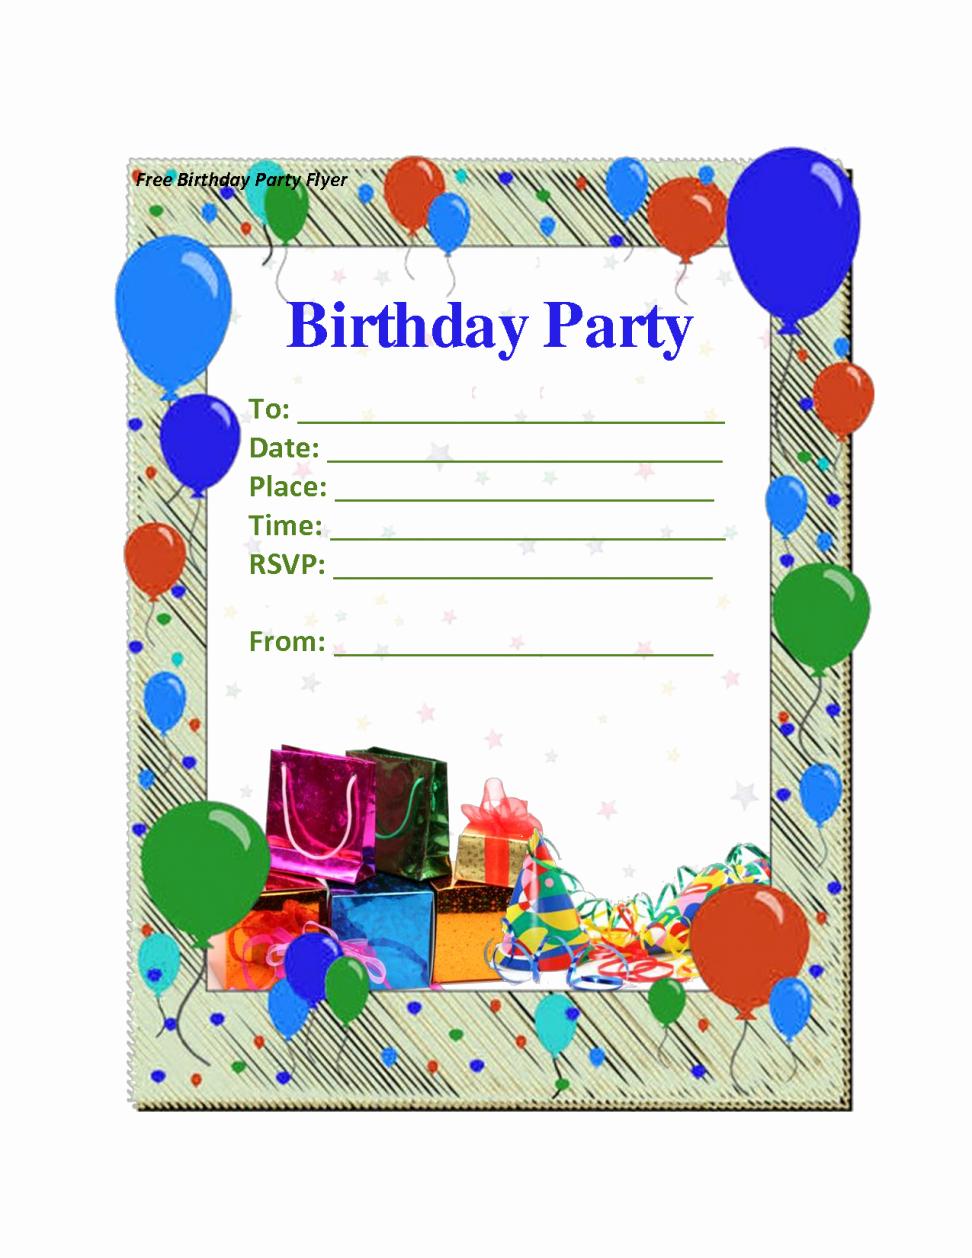 Birthday Party Invitation Card Template Unique Free Printable Kids Birthday Party Invitations Templates